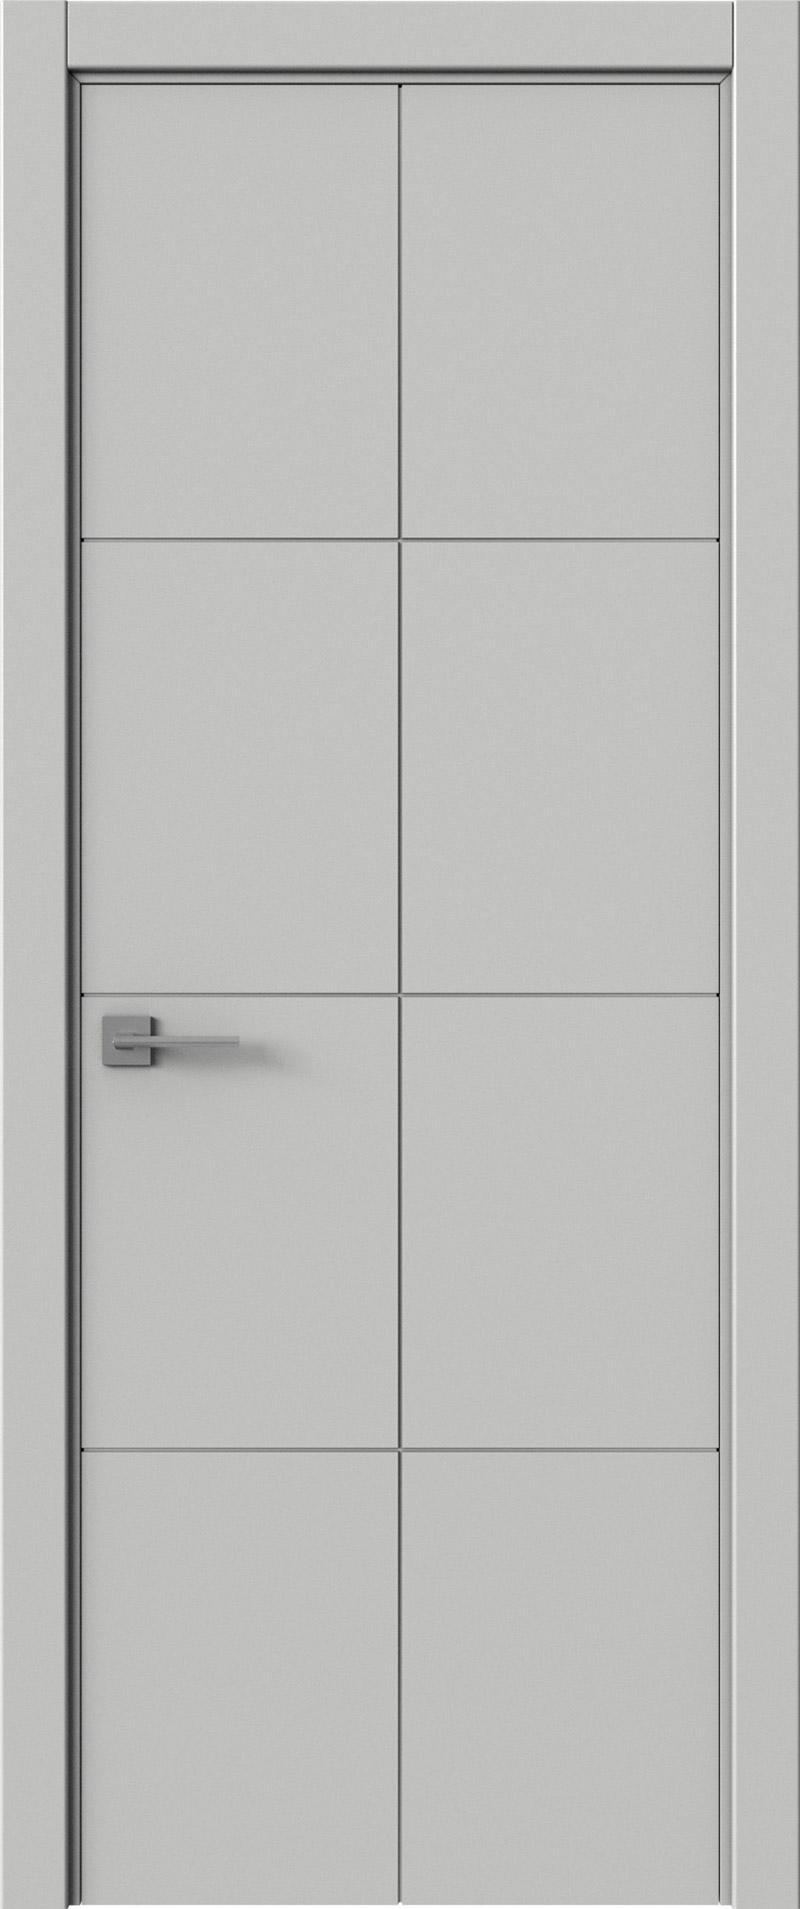 Tivoli Л-2 цвет - Серая эмаль (RAL 7047) Без стекла (ДГ)